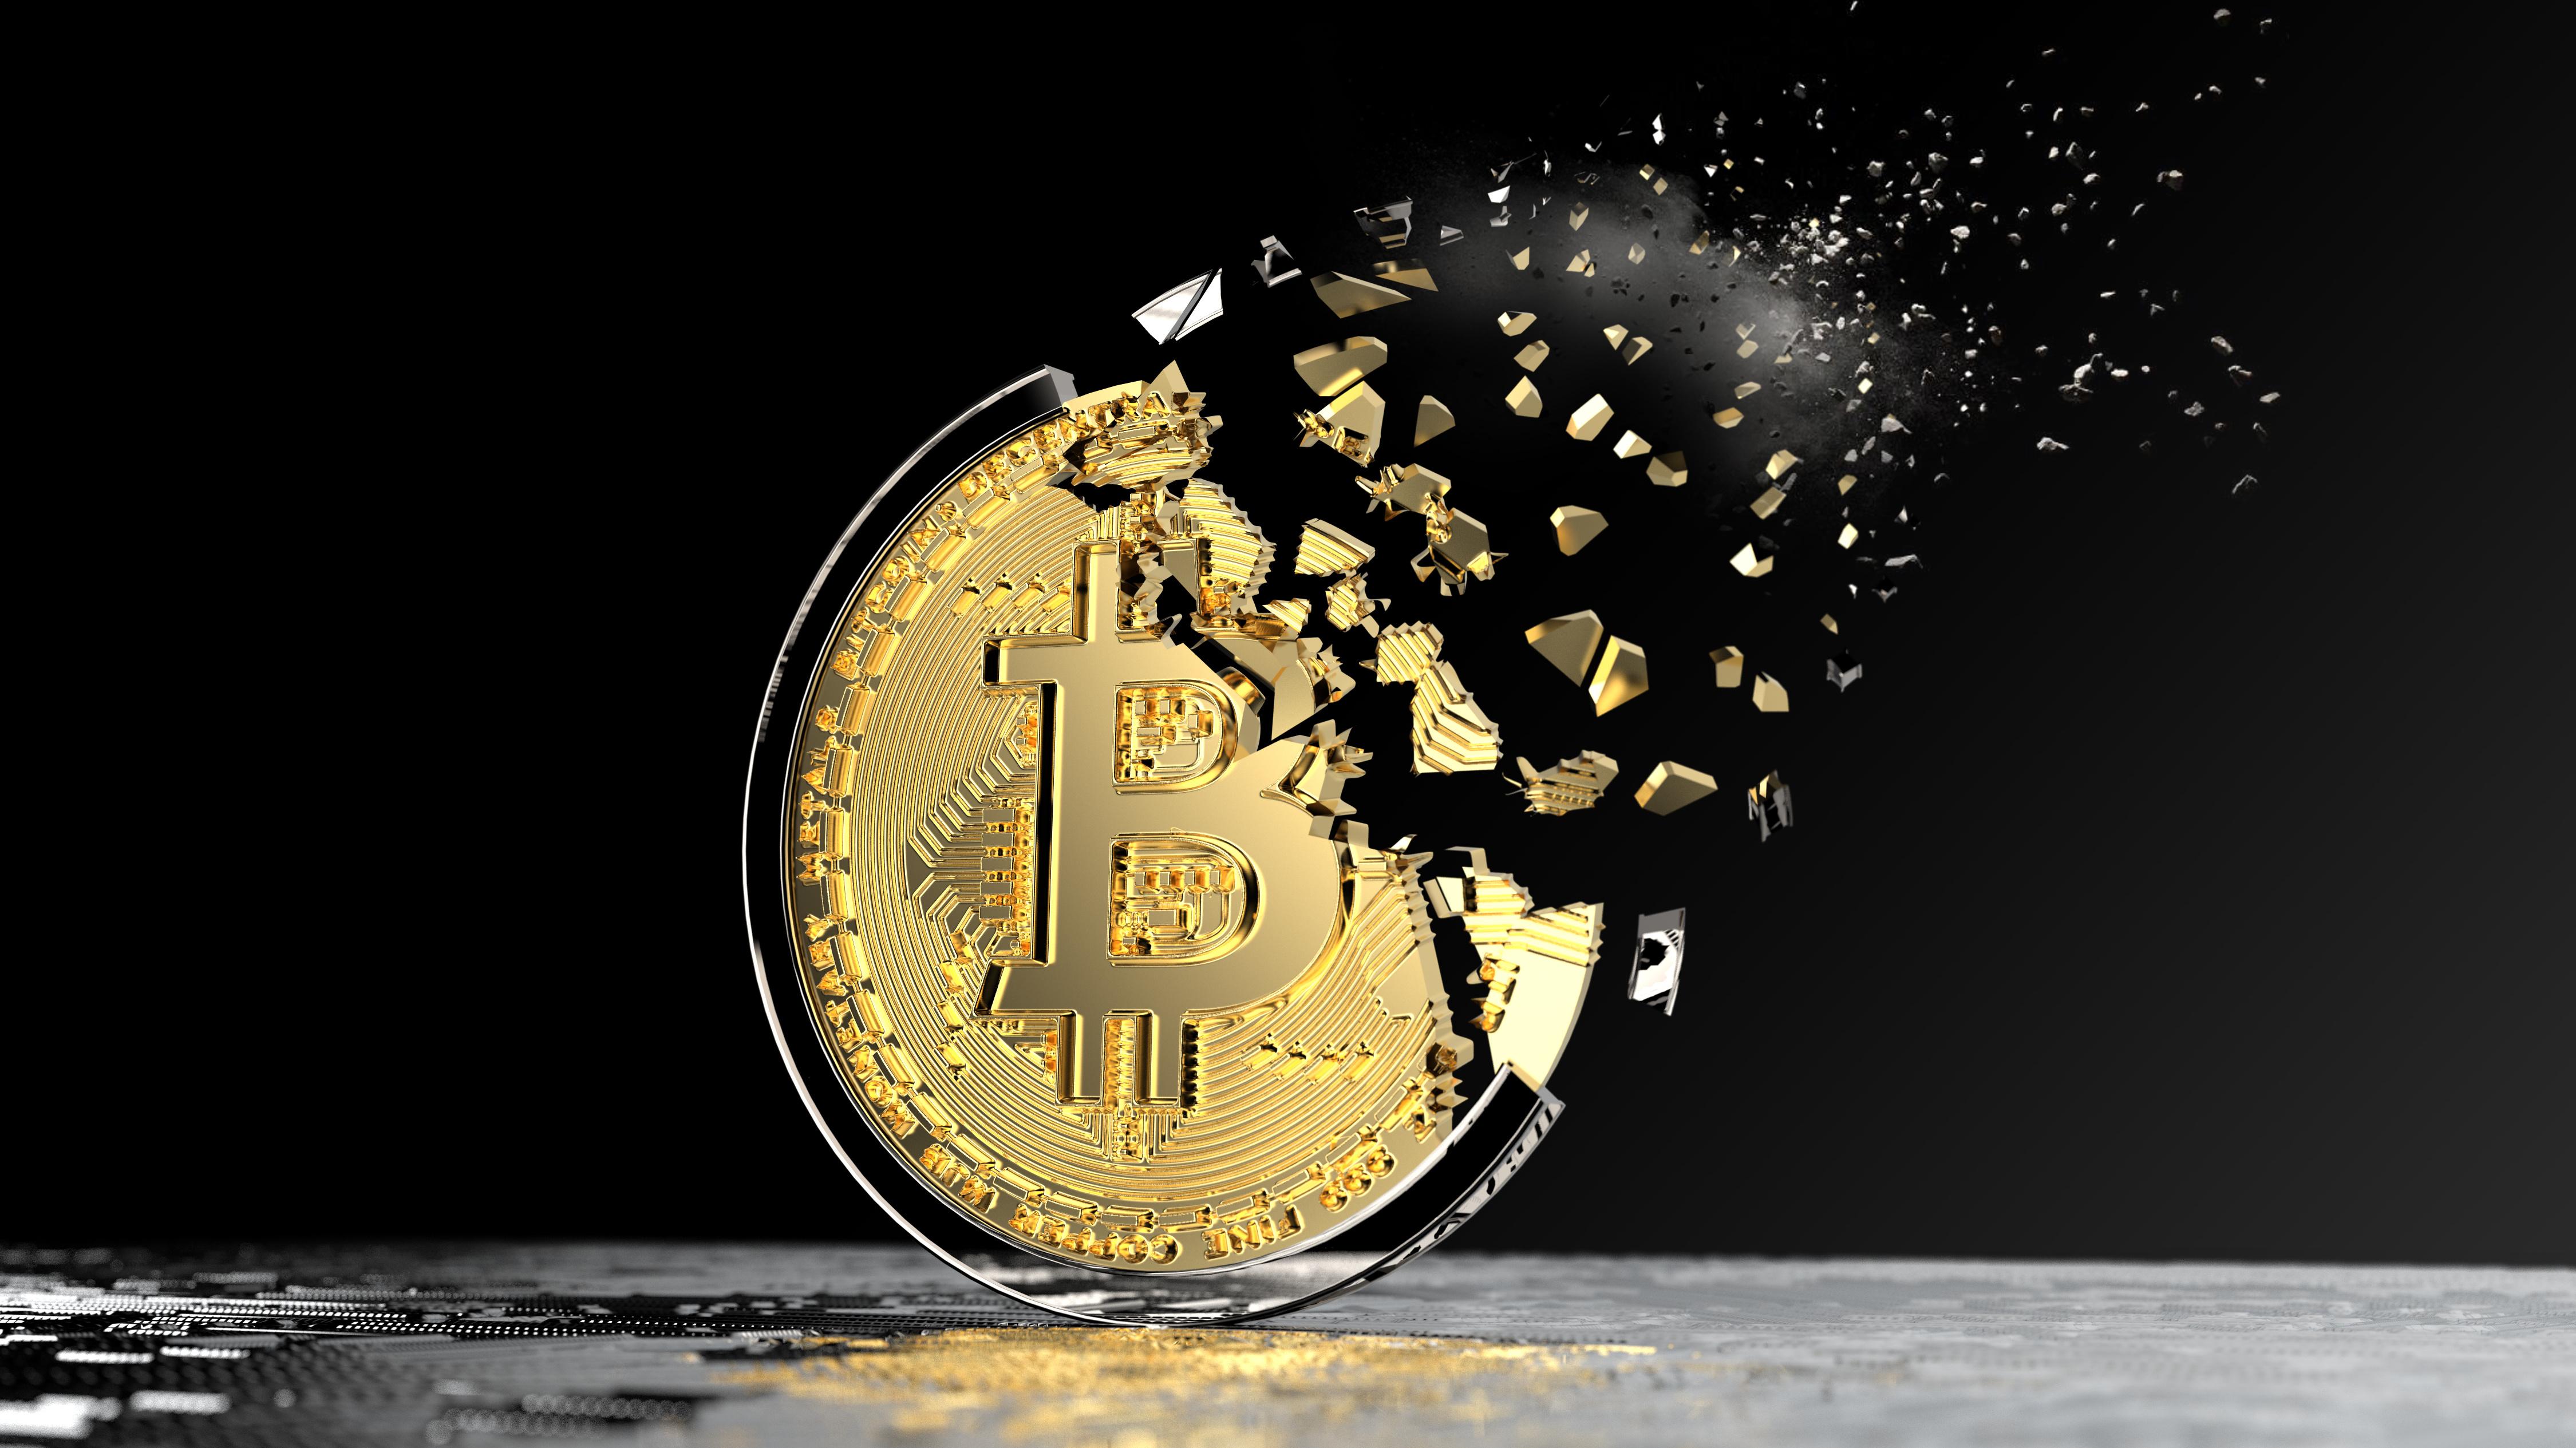 ビットコイン(BTC)の分裂とは?分裂理由と取るべき2つの対処法